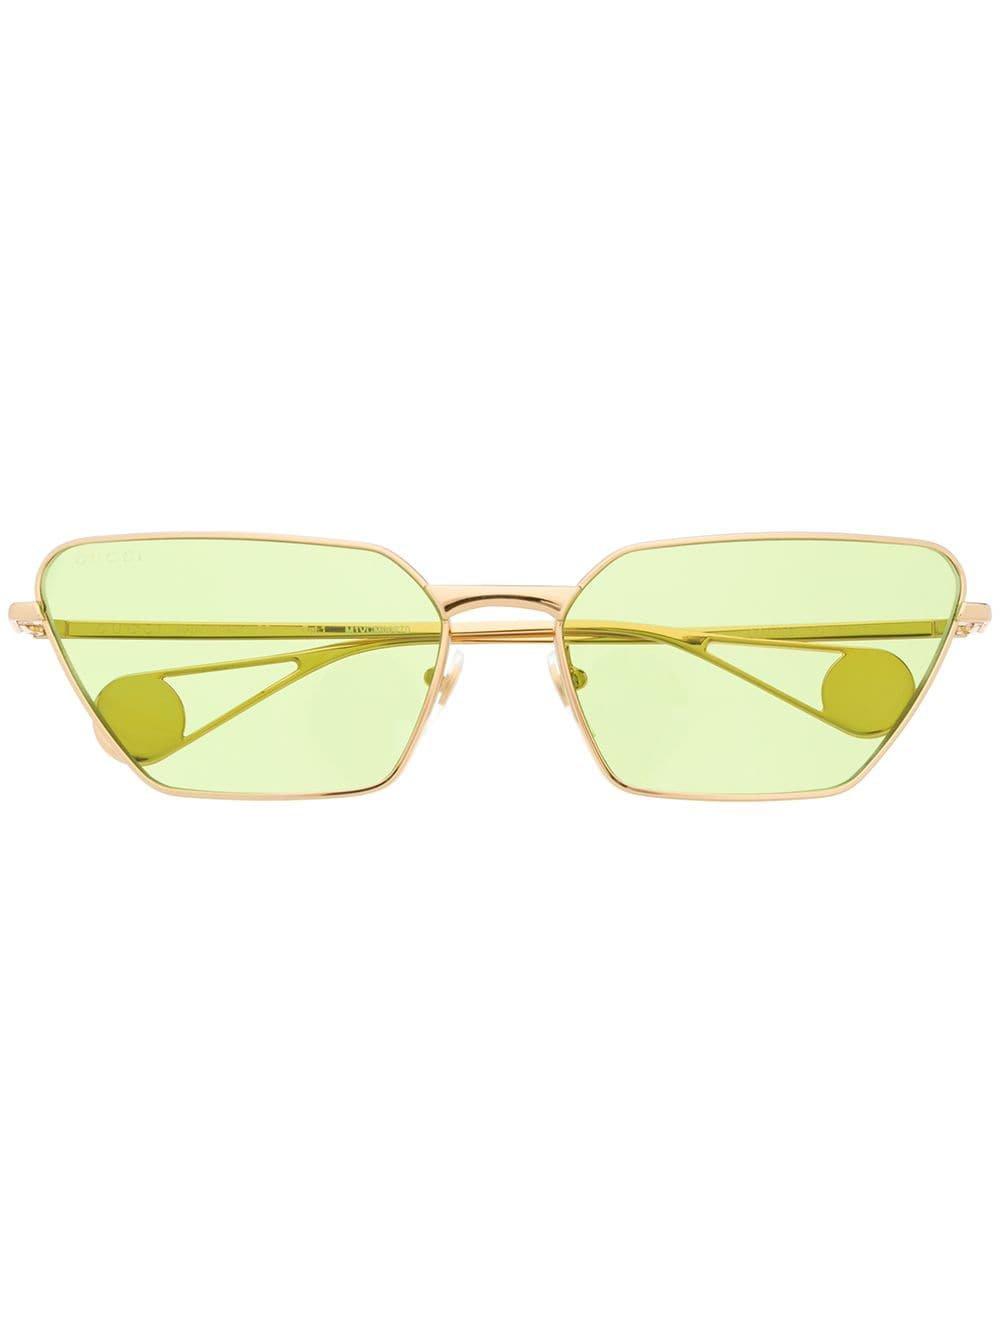 Gucci Eyewear Cat Eye Frame Sunglasses - Farfetch